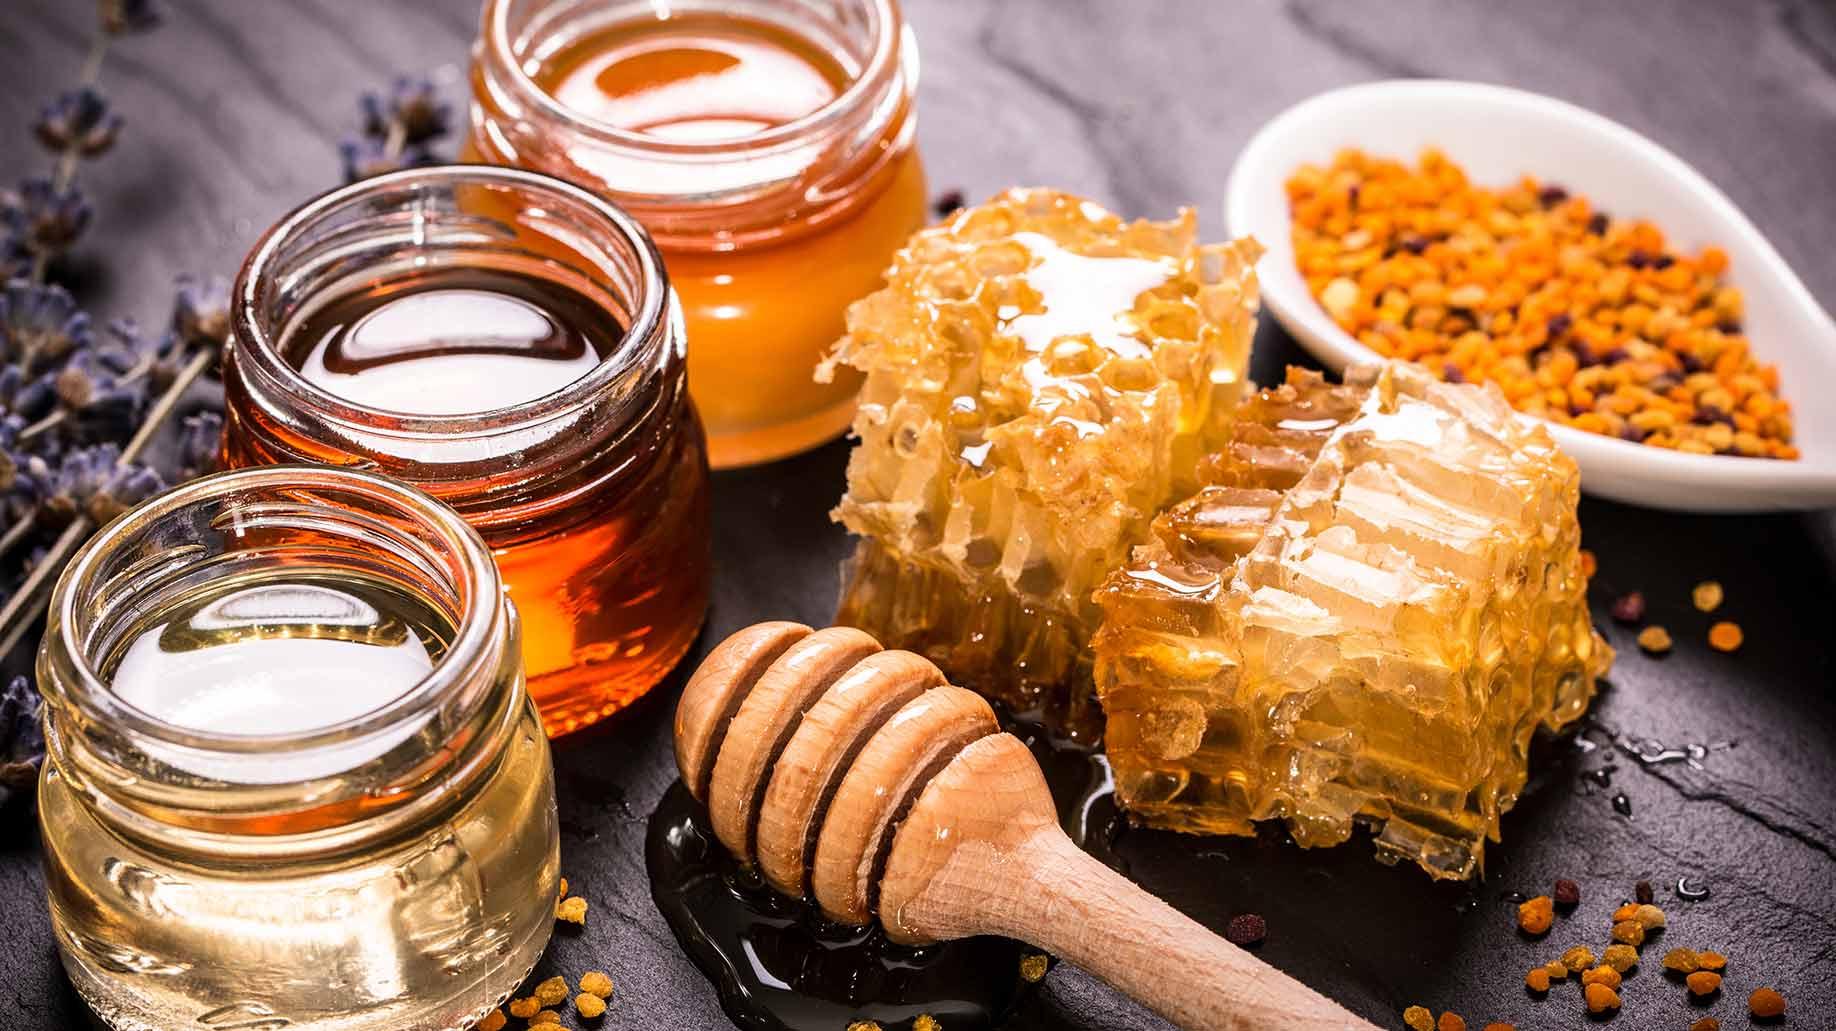 Как выбрать качество меда при покупке?